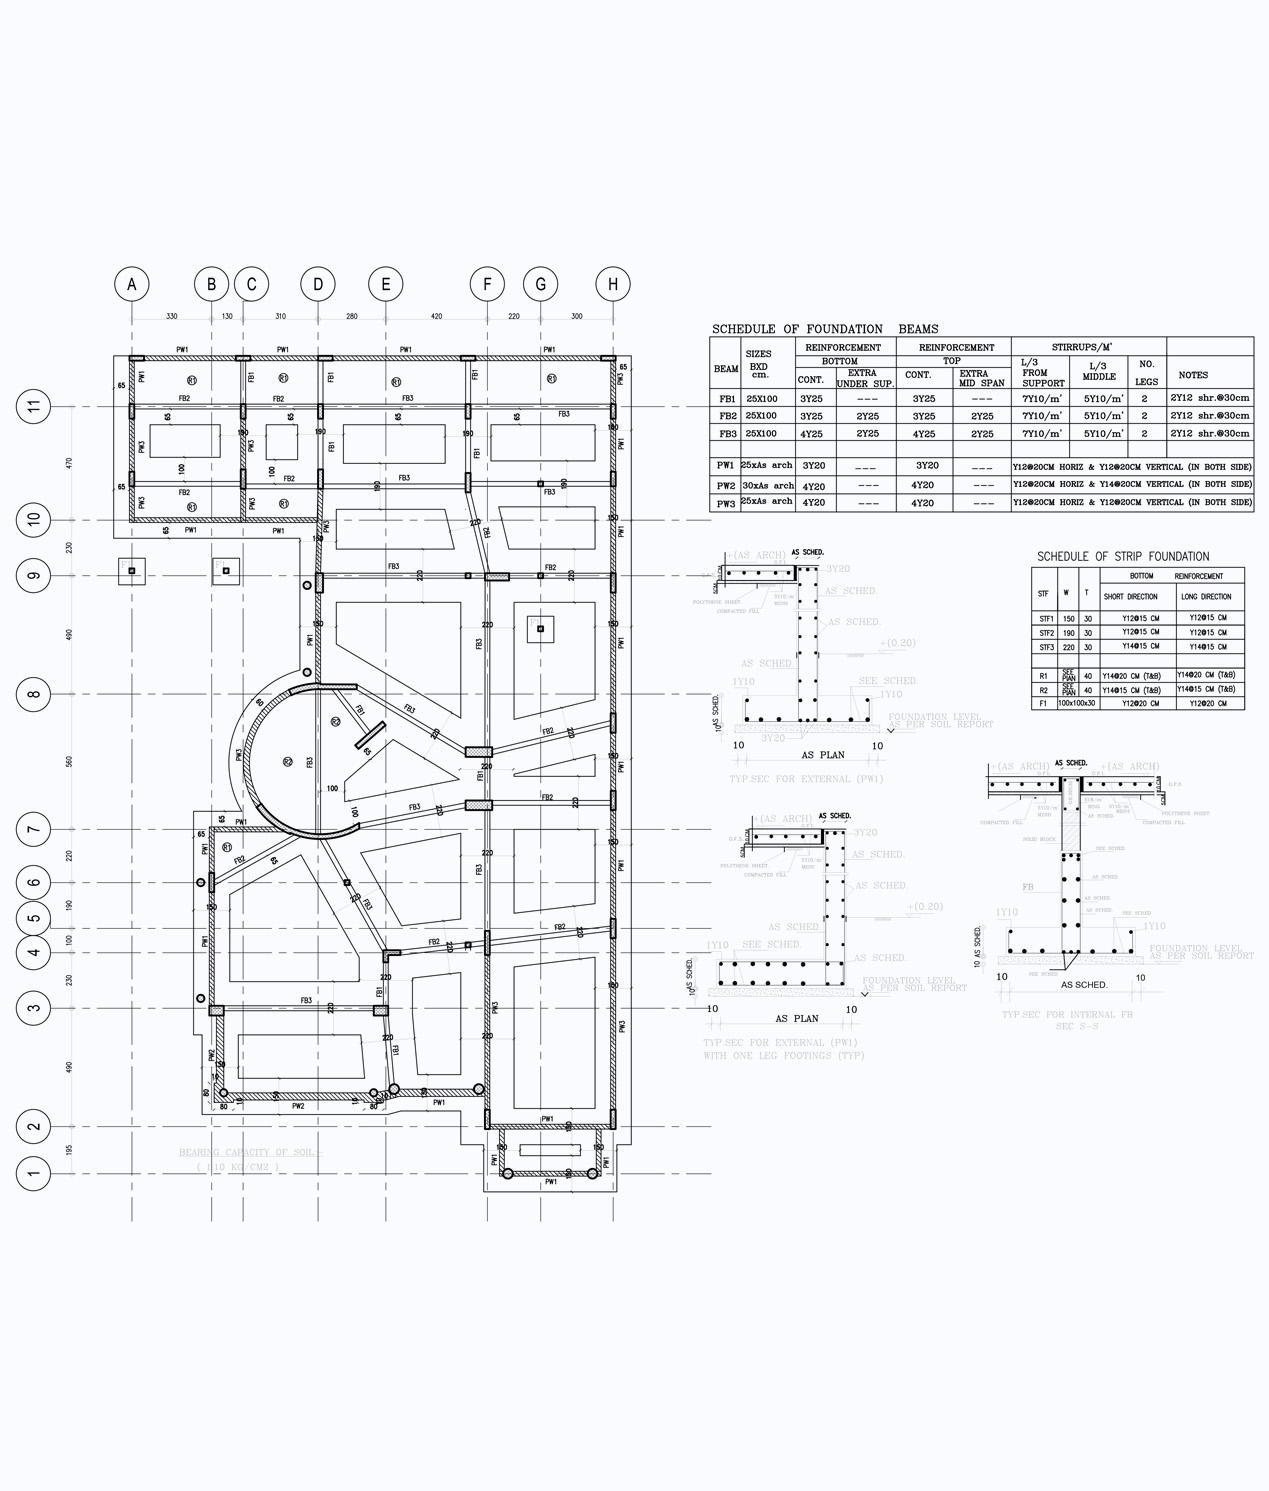 Building Design Consultant in UK